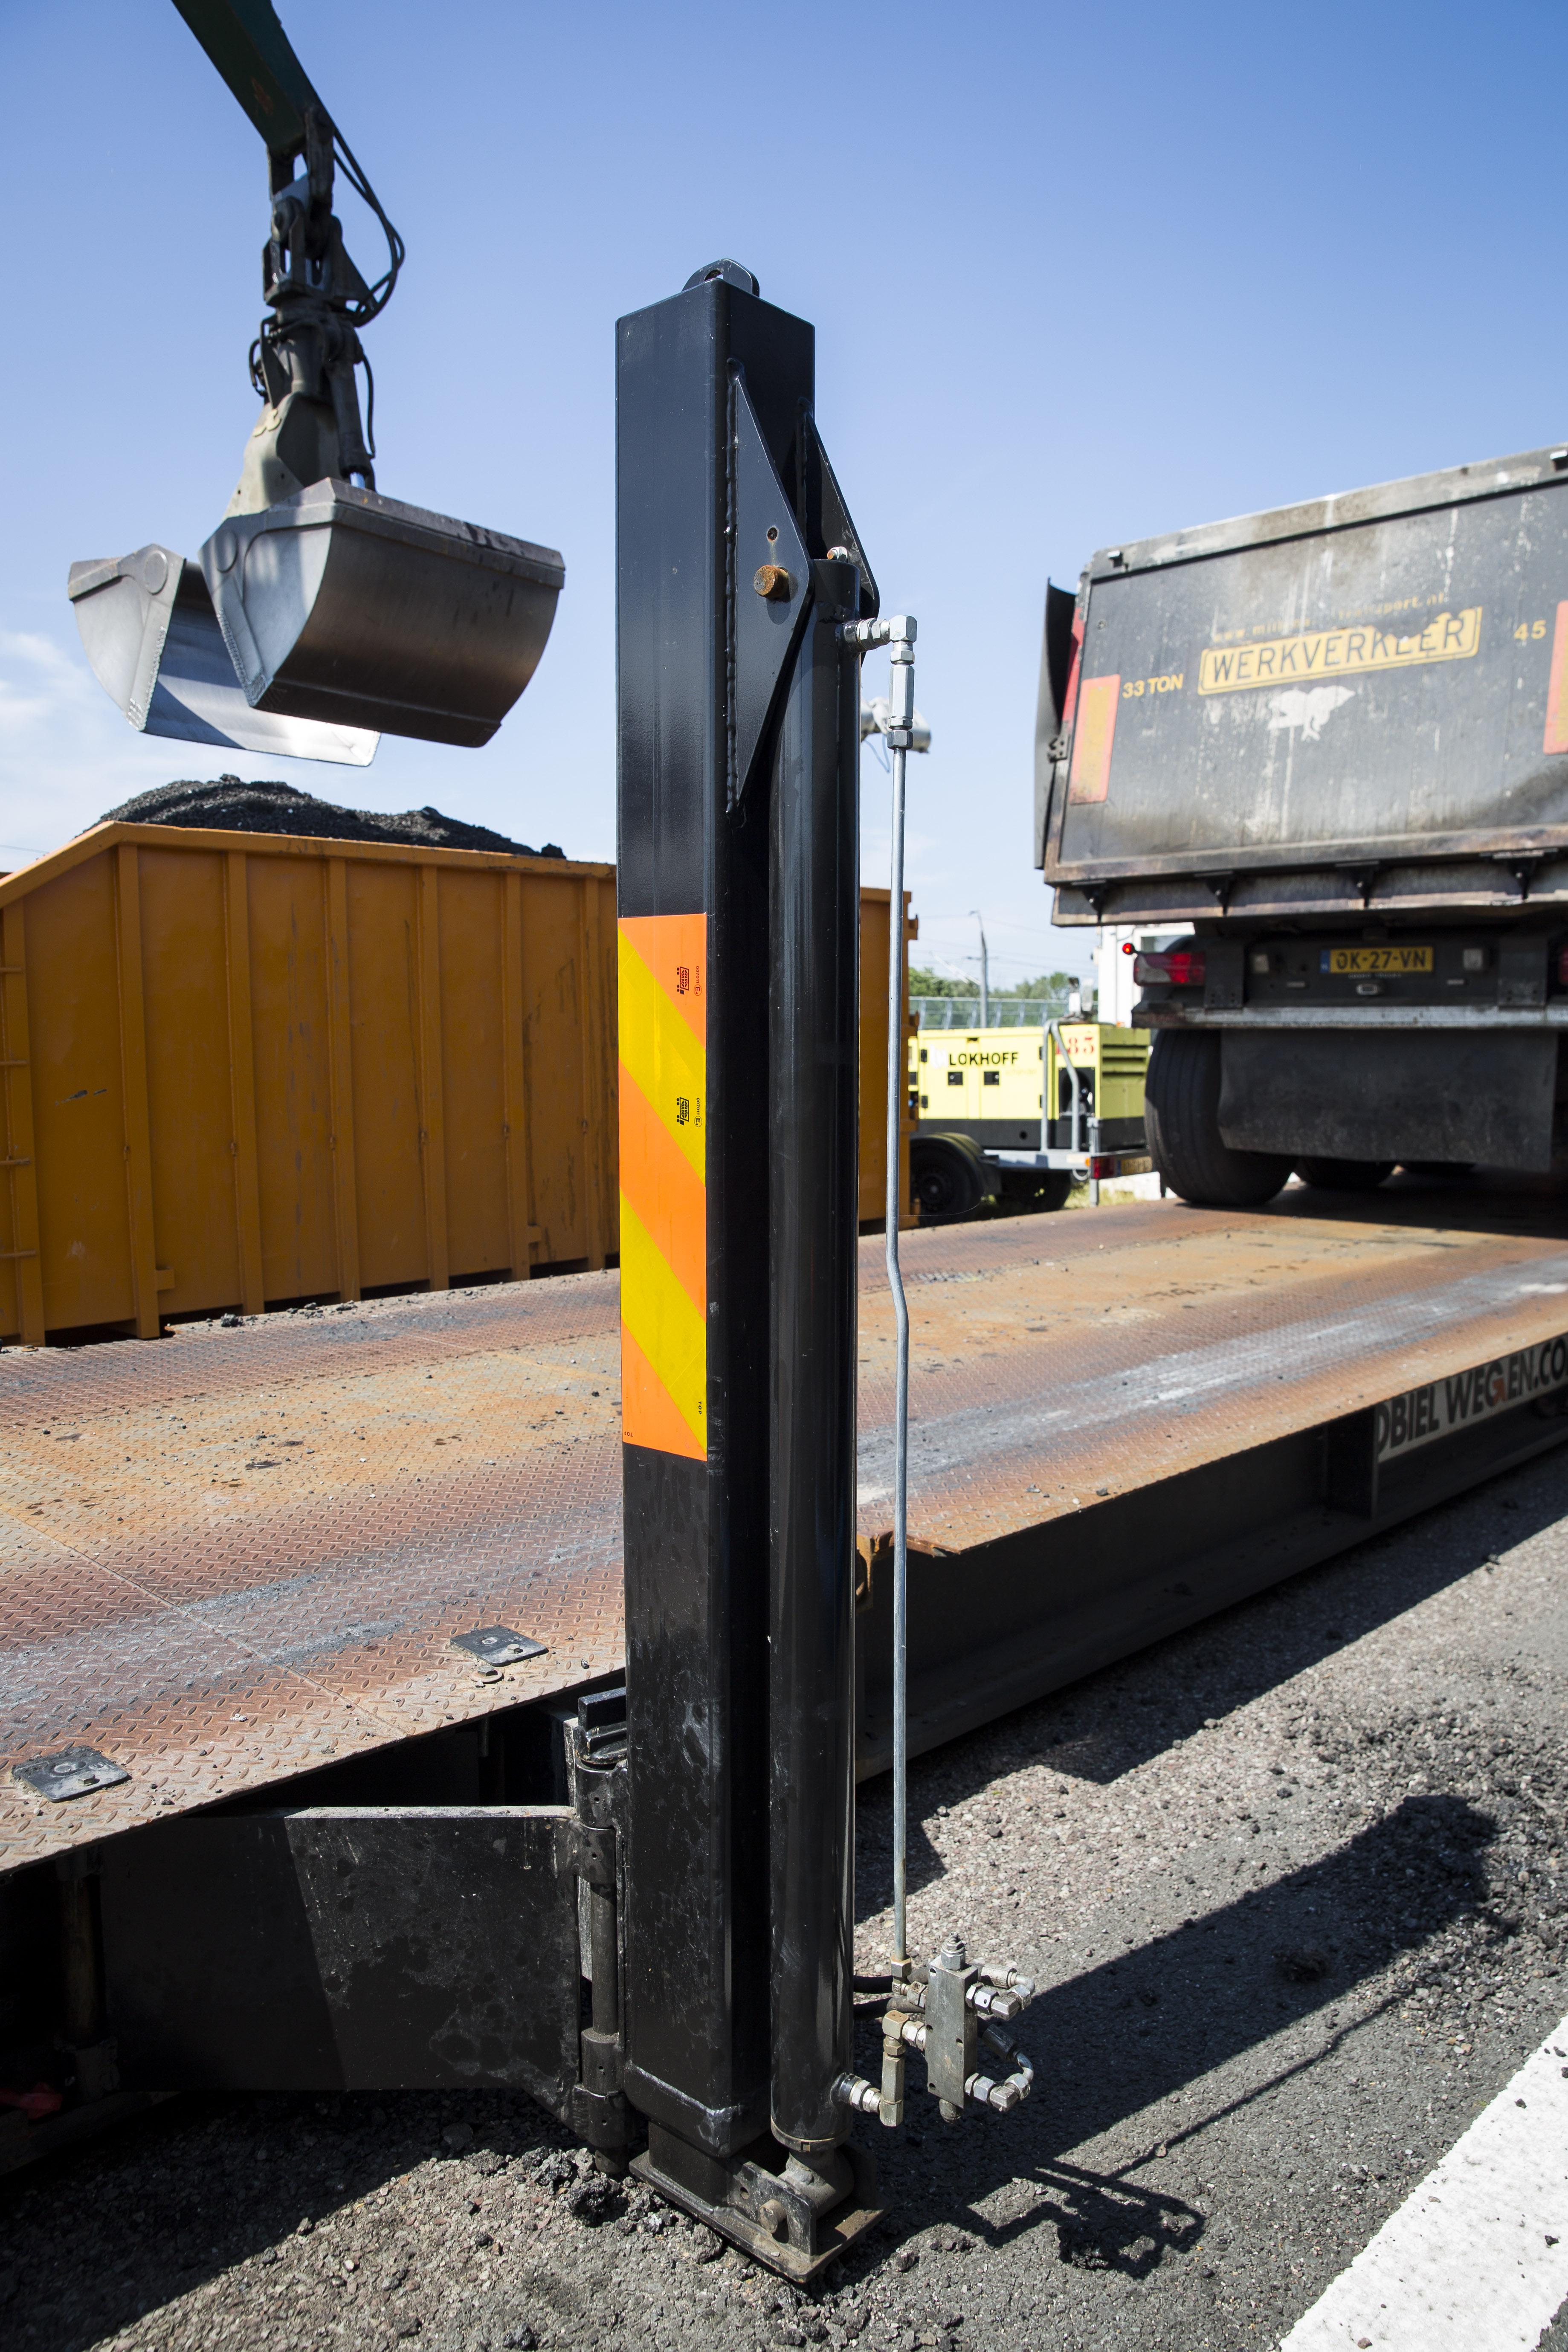 <p>De poten van de weegbrug kunnen voor het transport horizontaal worden ingeklapt. Daarmee blijft de weegbrug tijdens het transport binnen de drie meter breedte.</p>